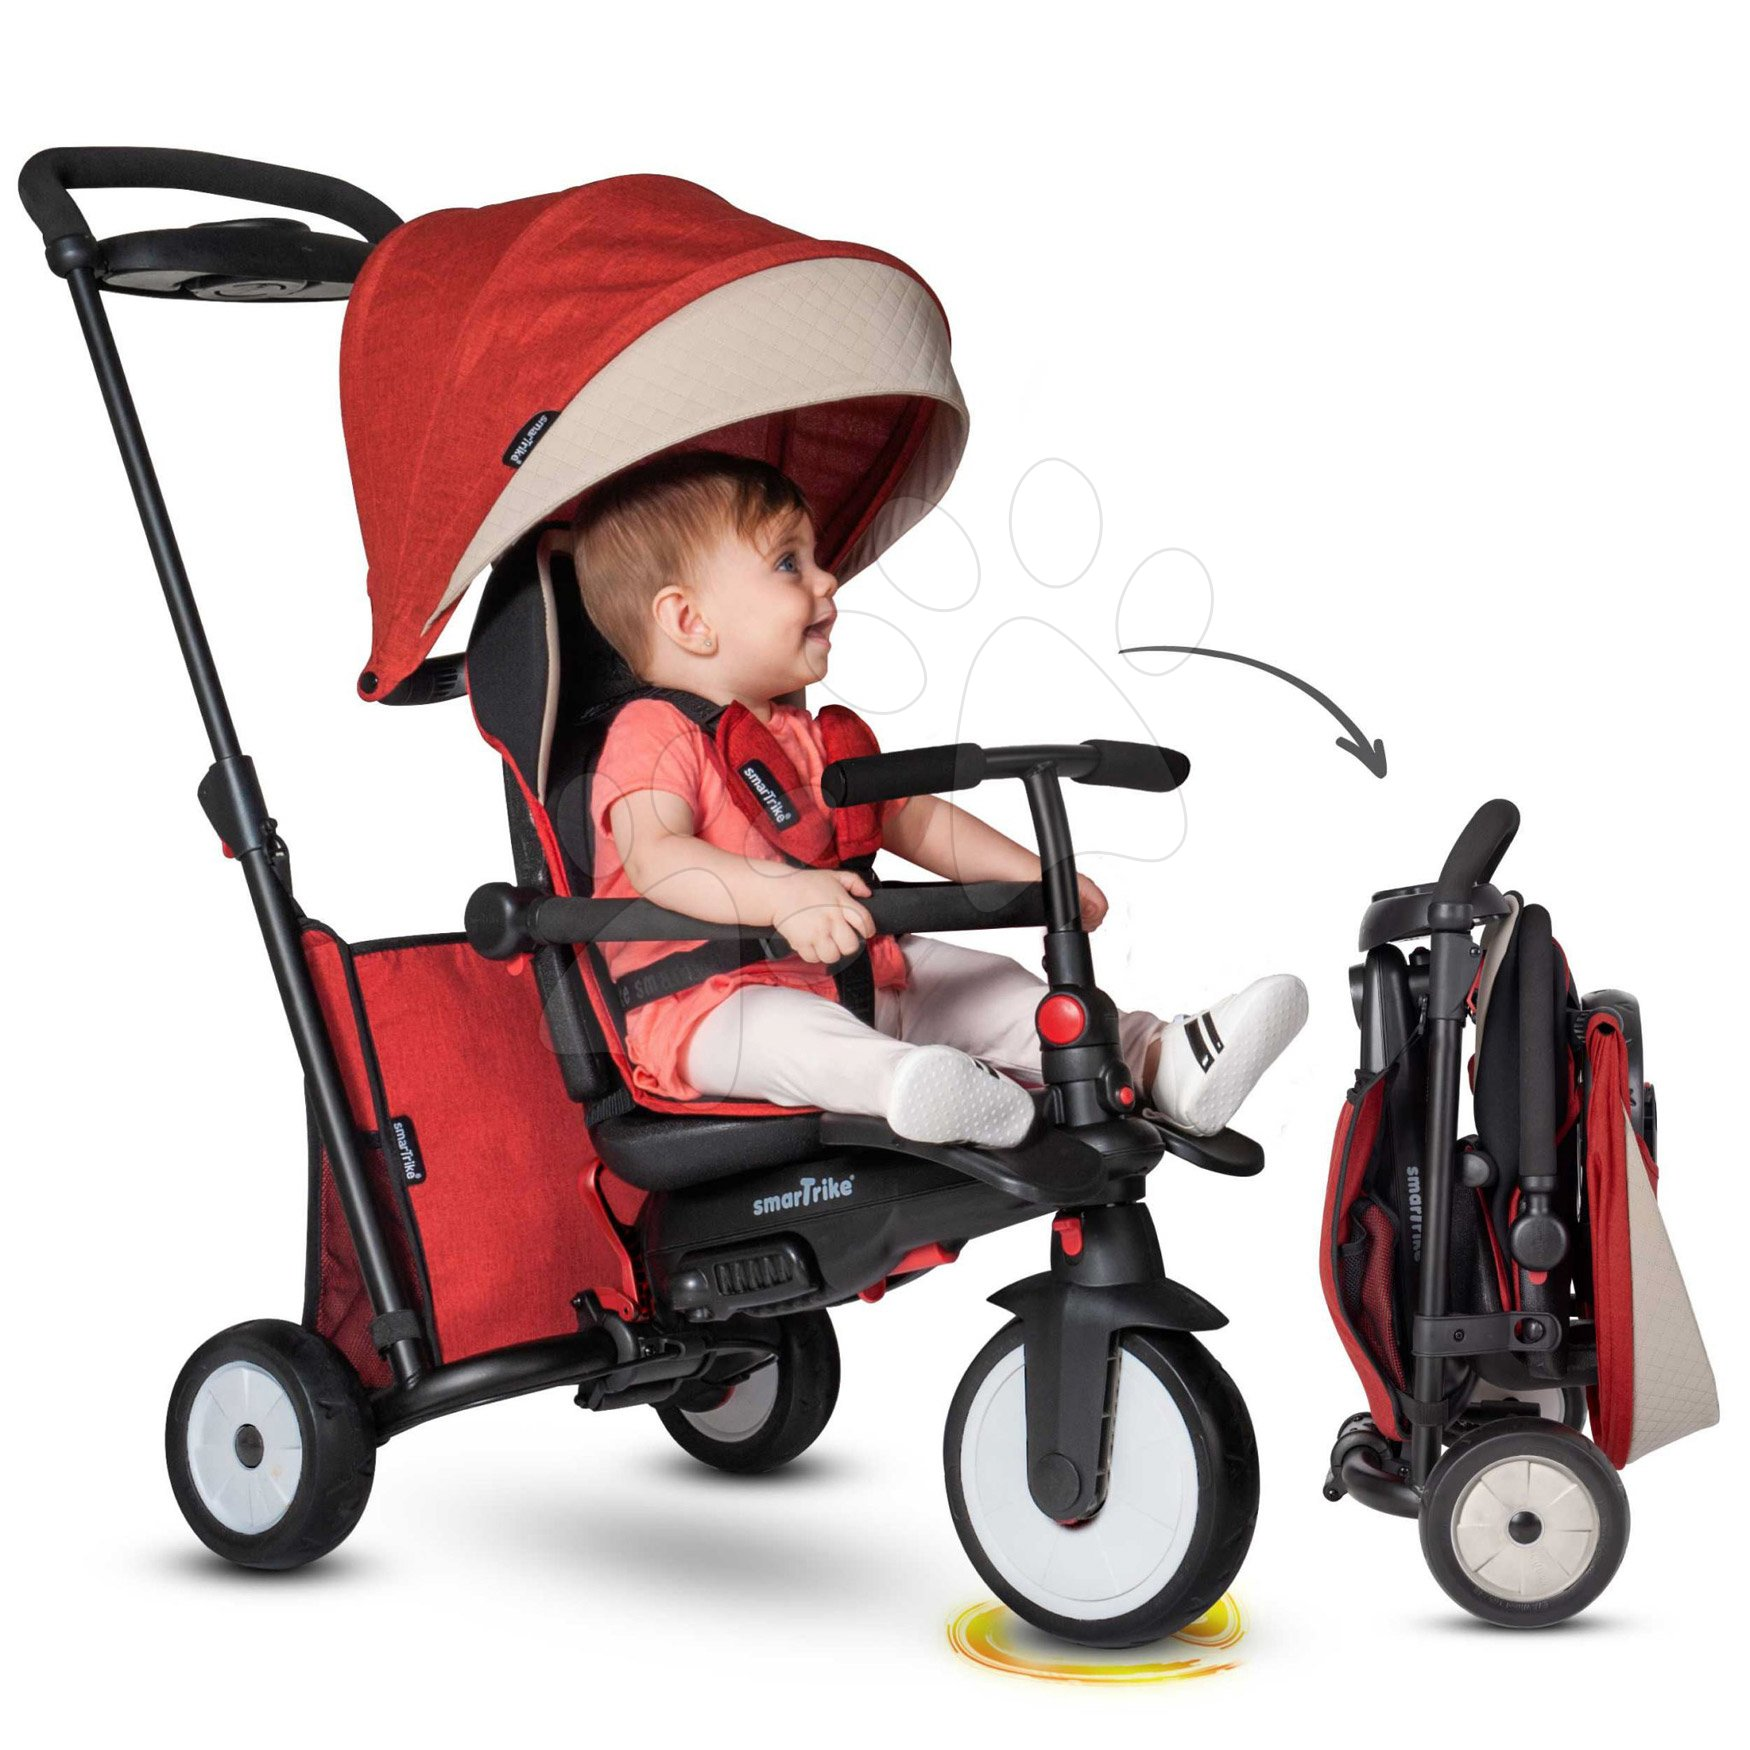 Tříkolka skládací smarTfold 7v1 Stroller Melange smarTrike 500 TouchSteering červená polstrovaná s EVA koly od 9 měsíců jako kočárek